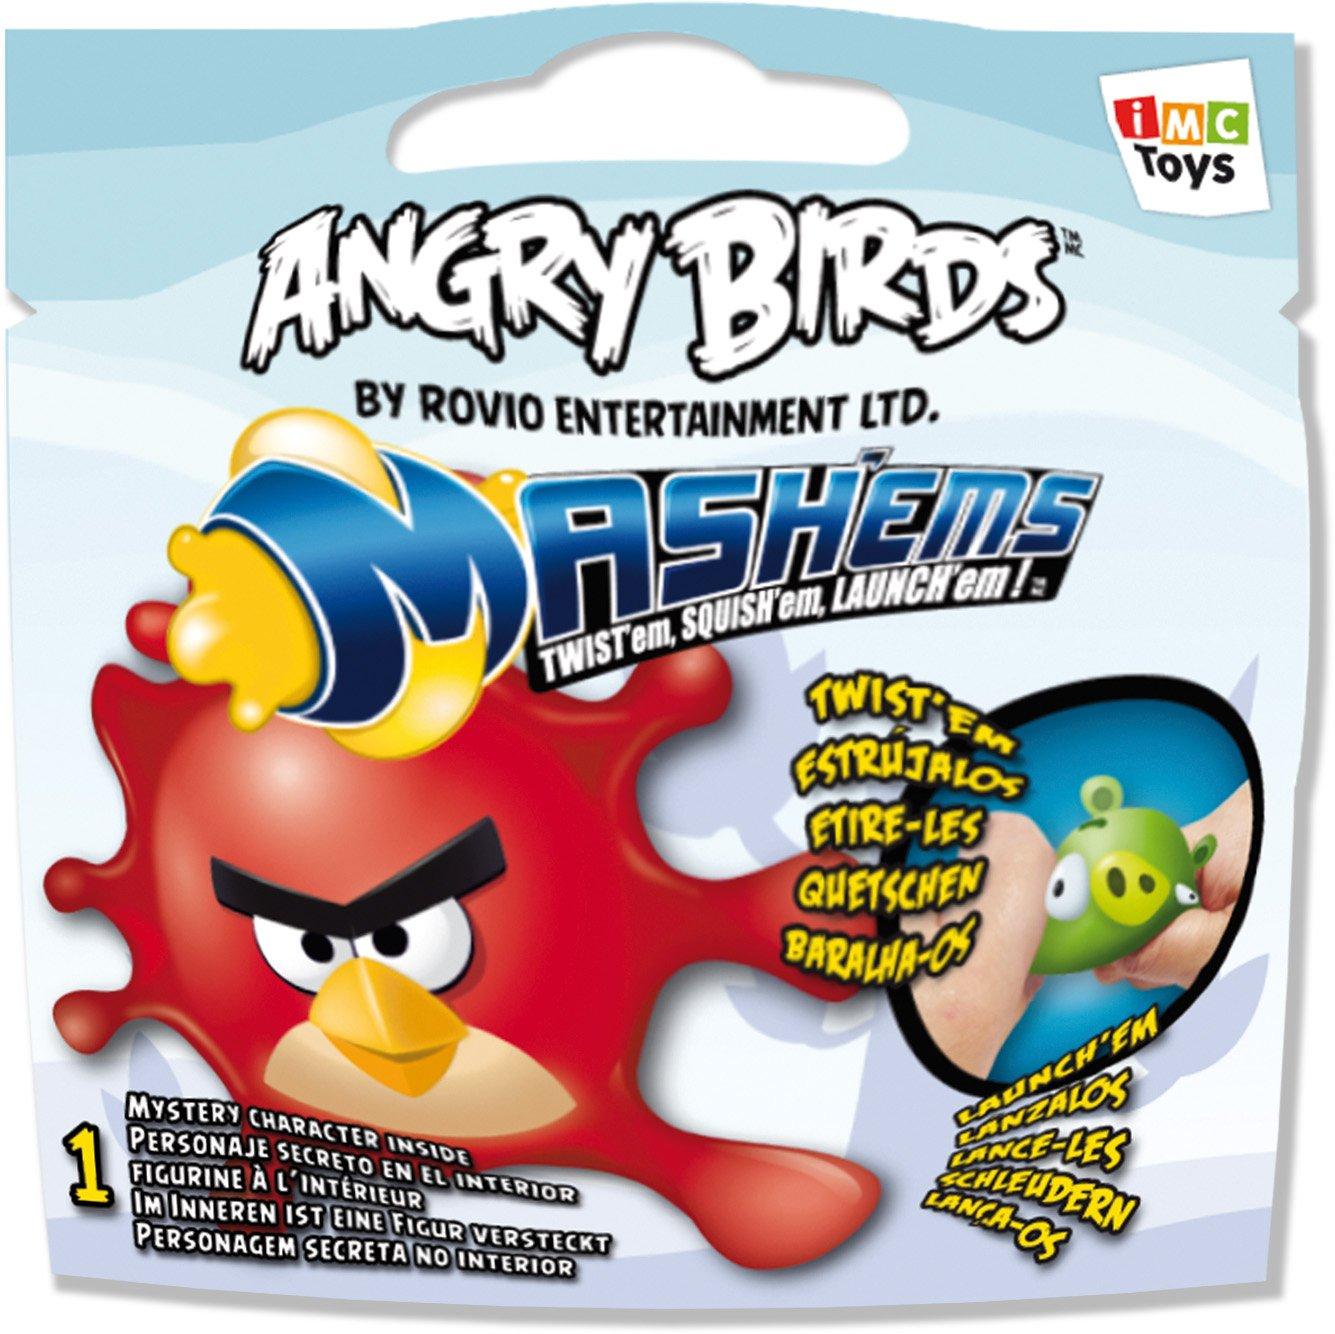 035102 - IMC - Angry Birds Mashems Folienbeutel